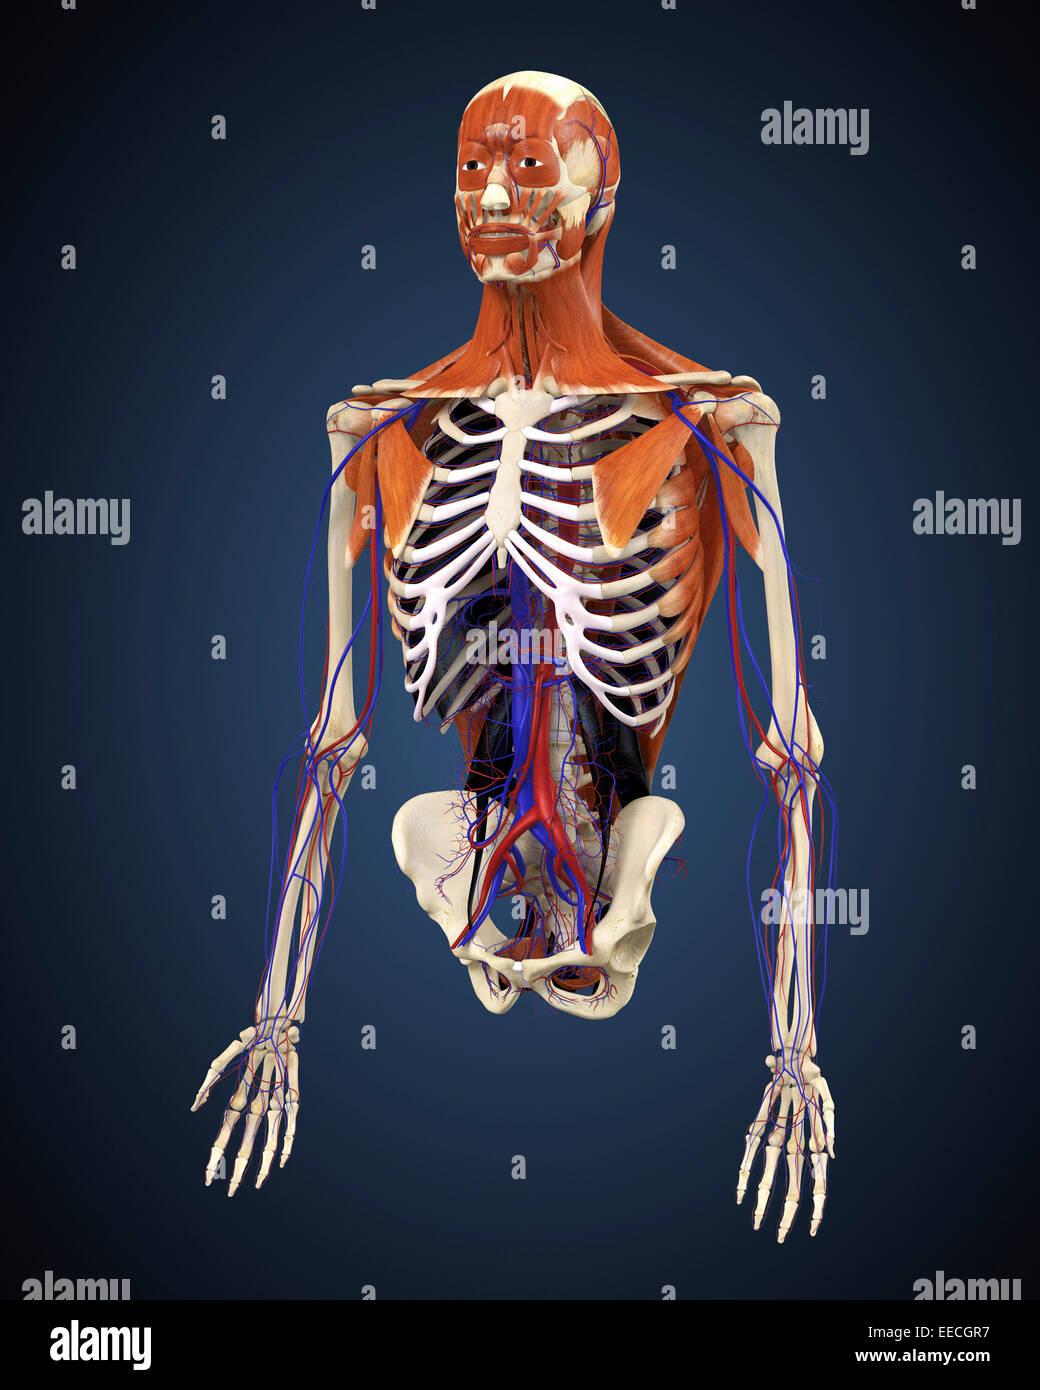 Umano corpo superiore che mostra le ossa, i muscoli e il sistema circolatorio. Immagini Stock